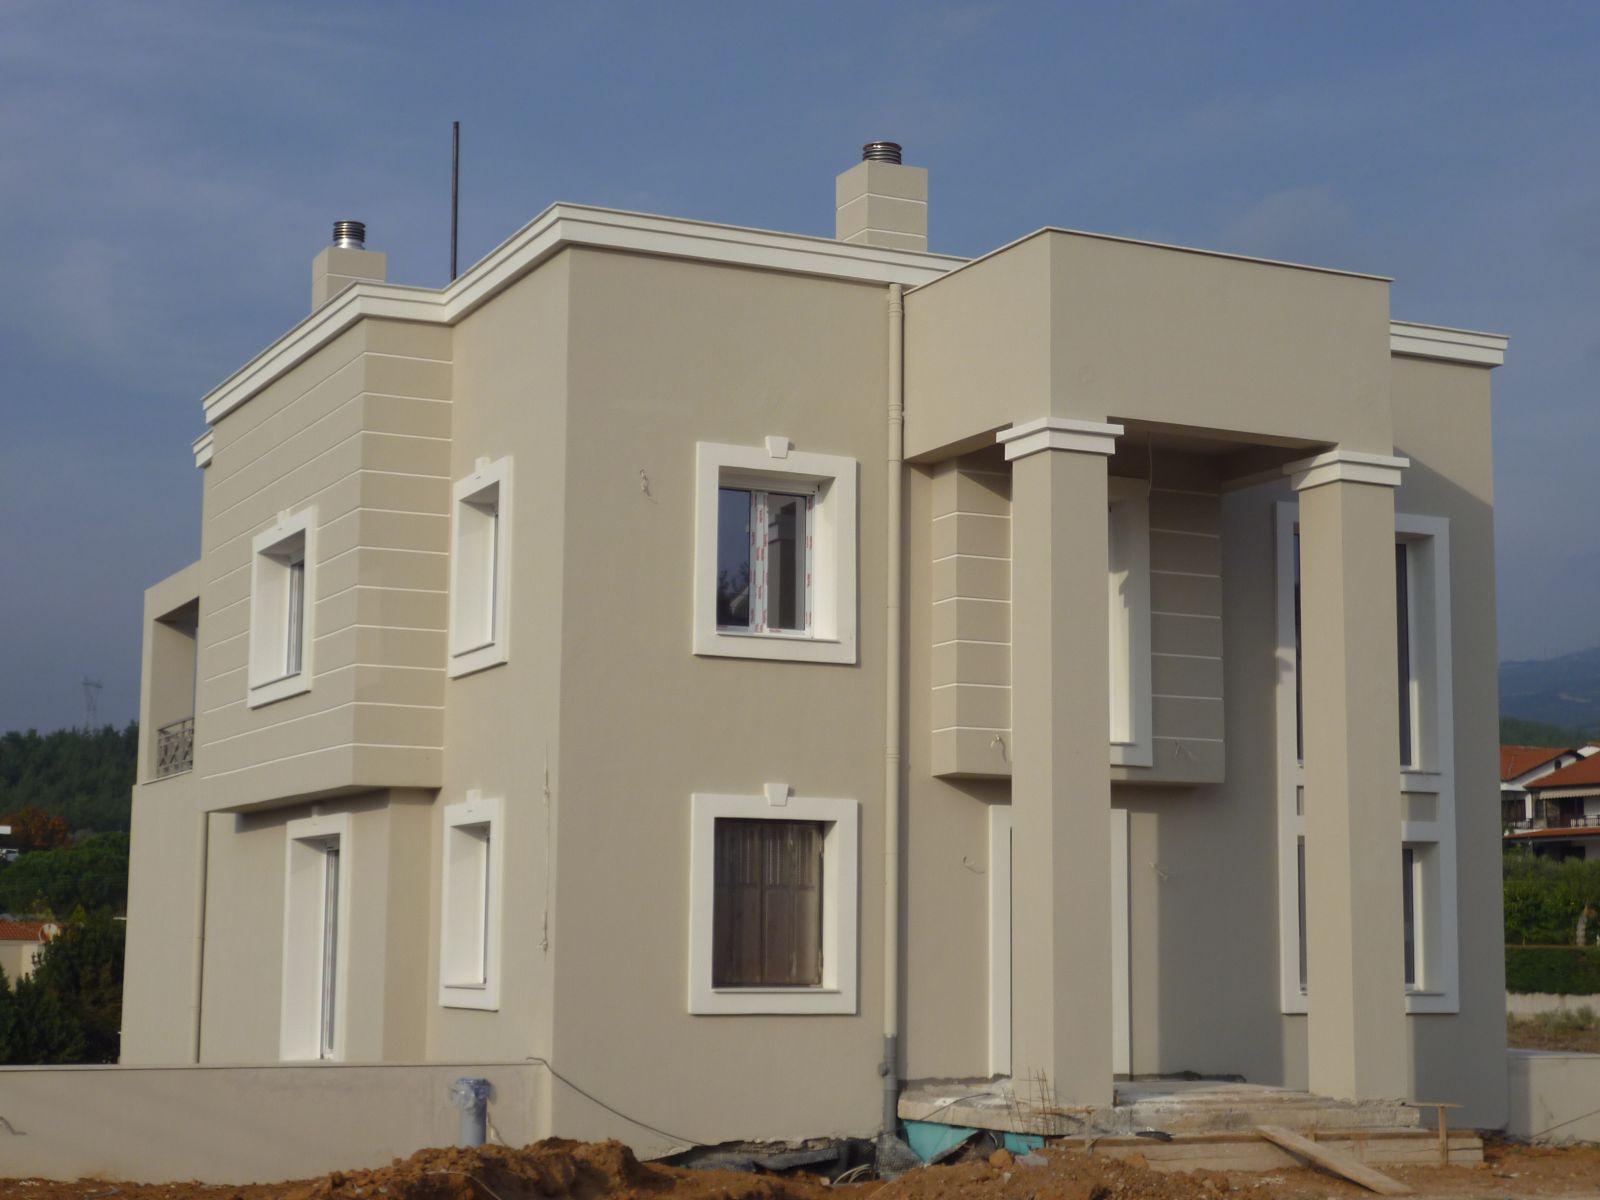 Εξωτερική θερμοπρόσοψη με θερμοσοβά Tektoterm σε ιδιωτική κατοικία στην Θέρμη-Θεσσαλονίκη